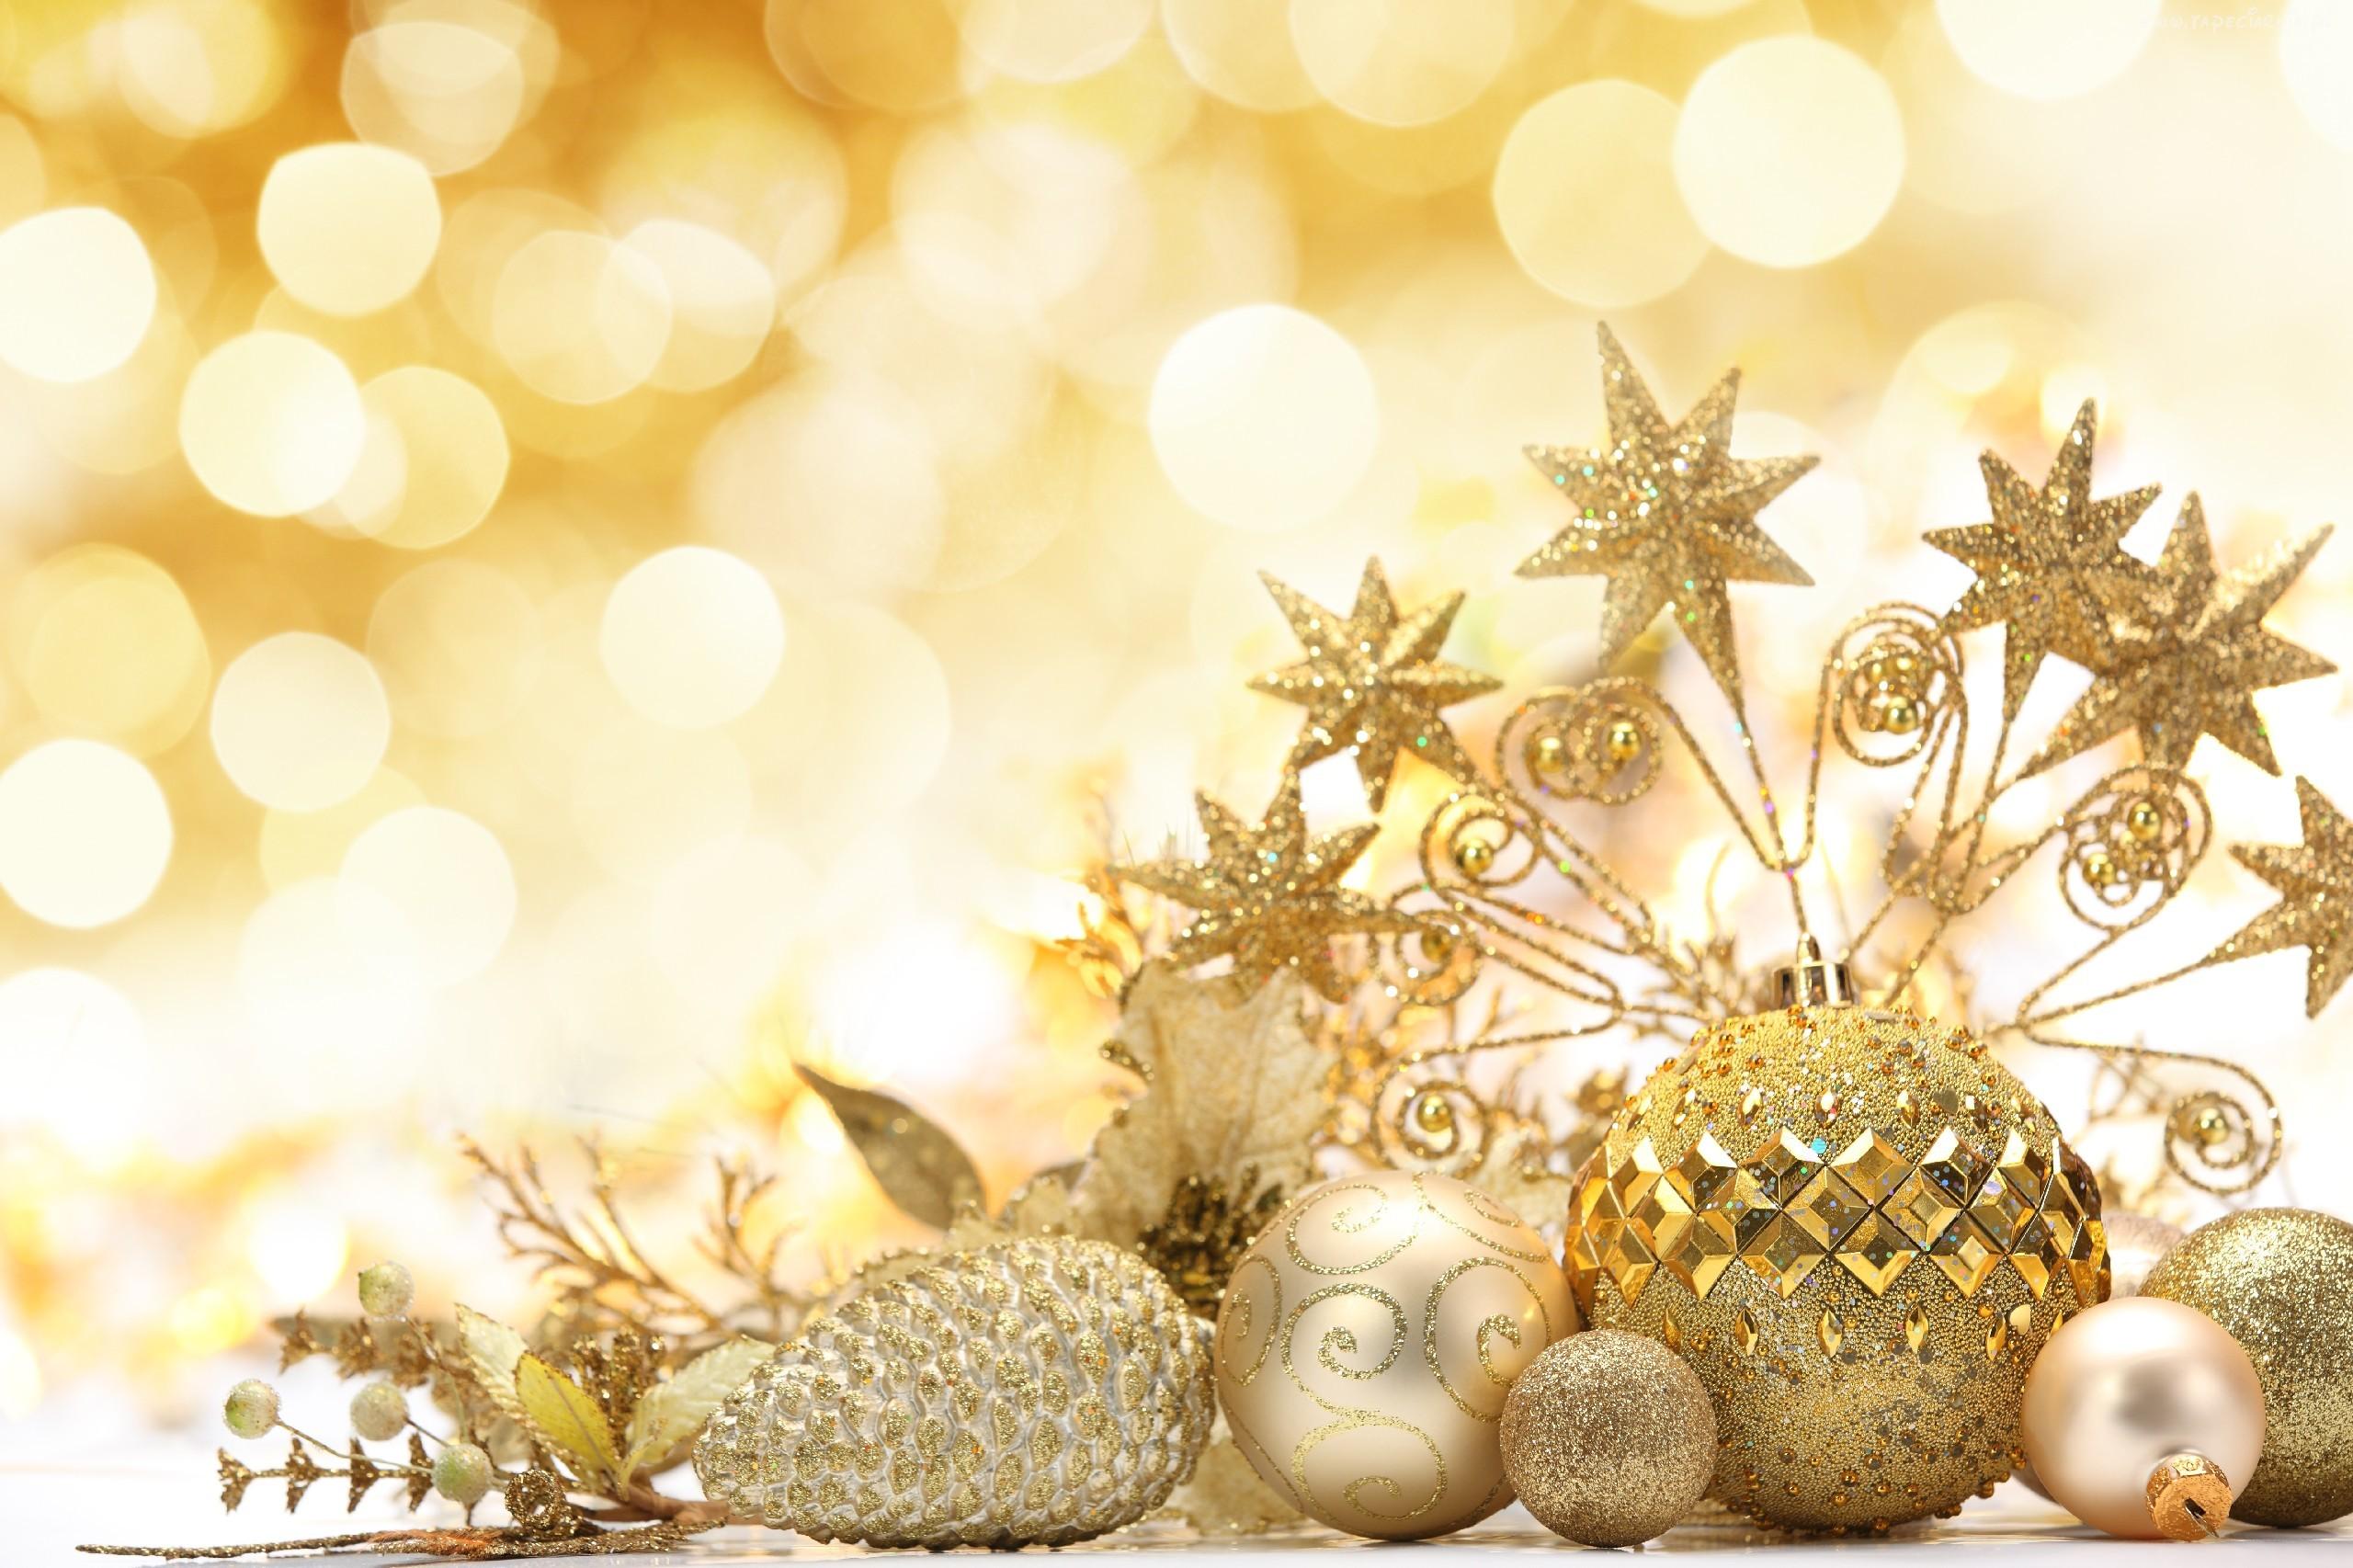 Sfondo Natalizio - Sfondi natalizi desktop Decorazioni